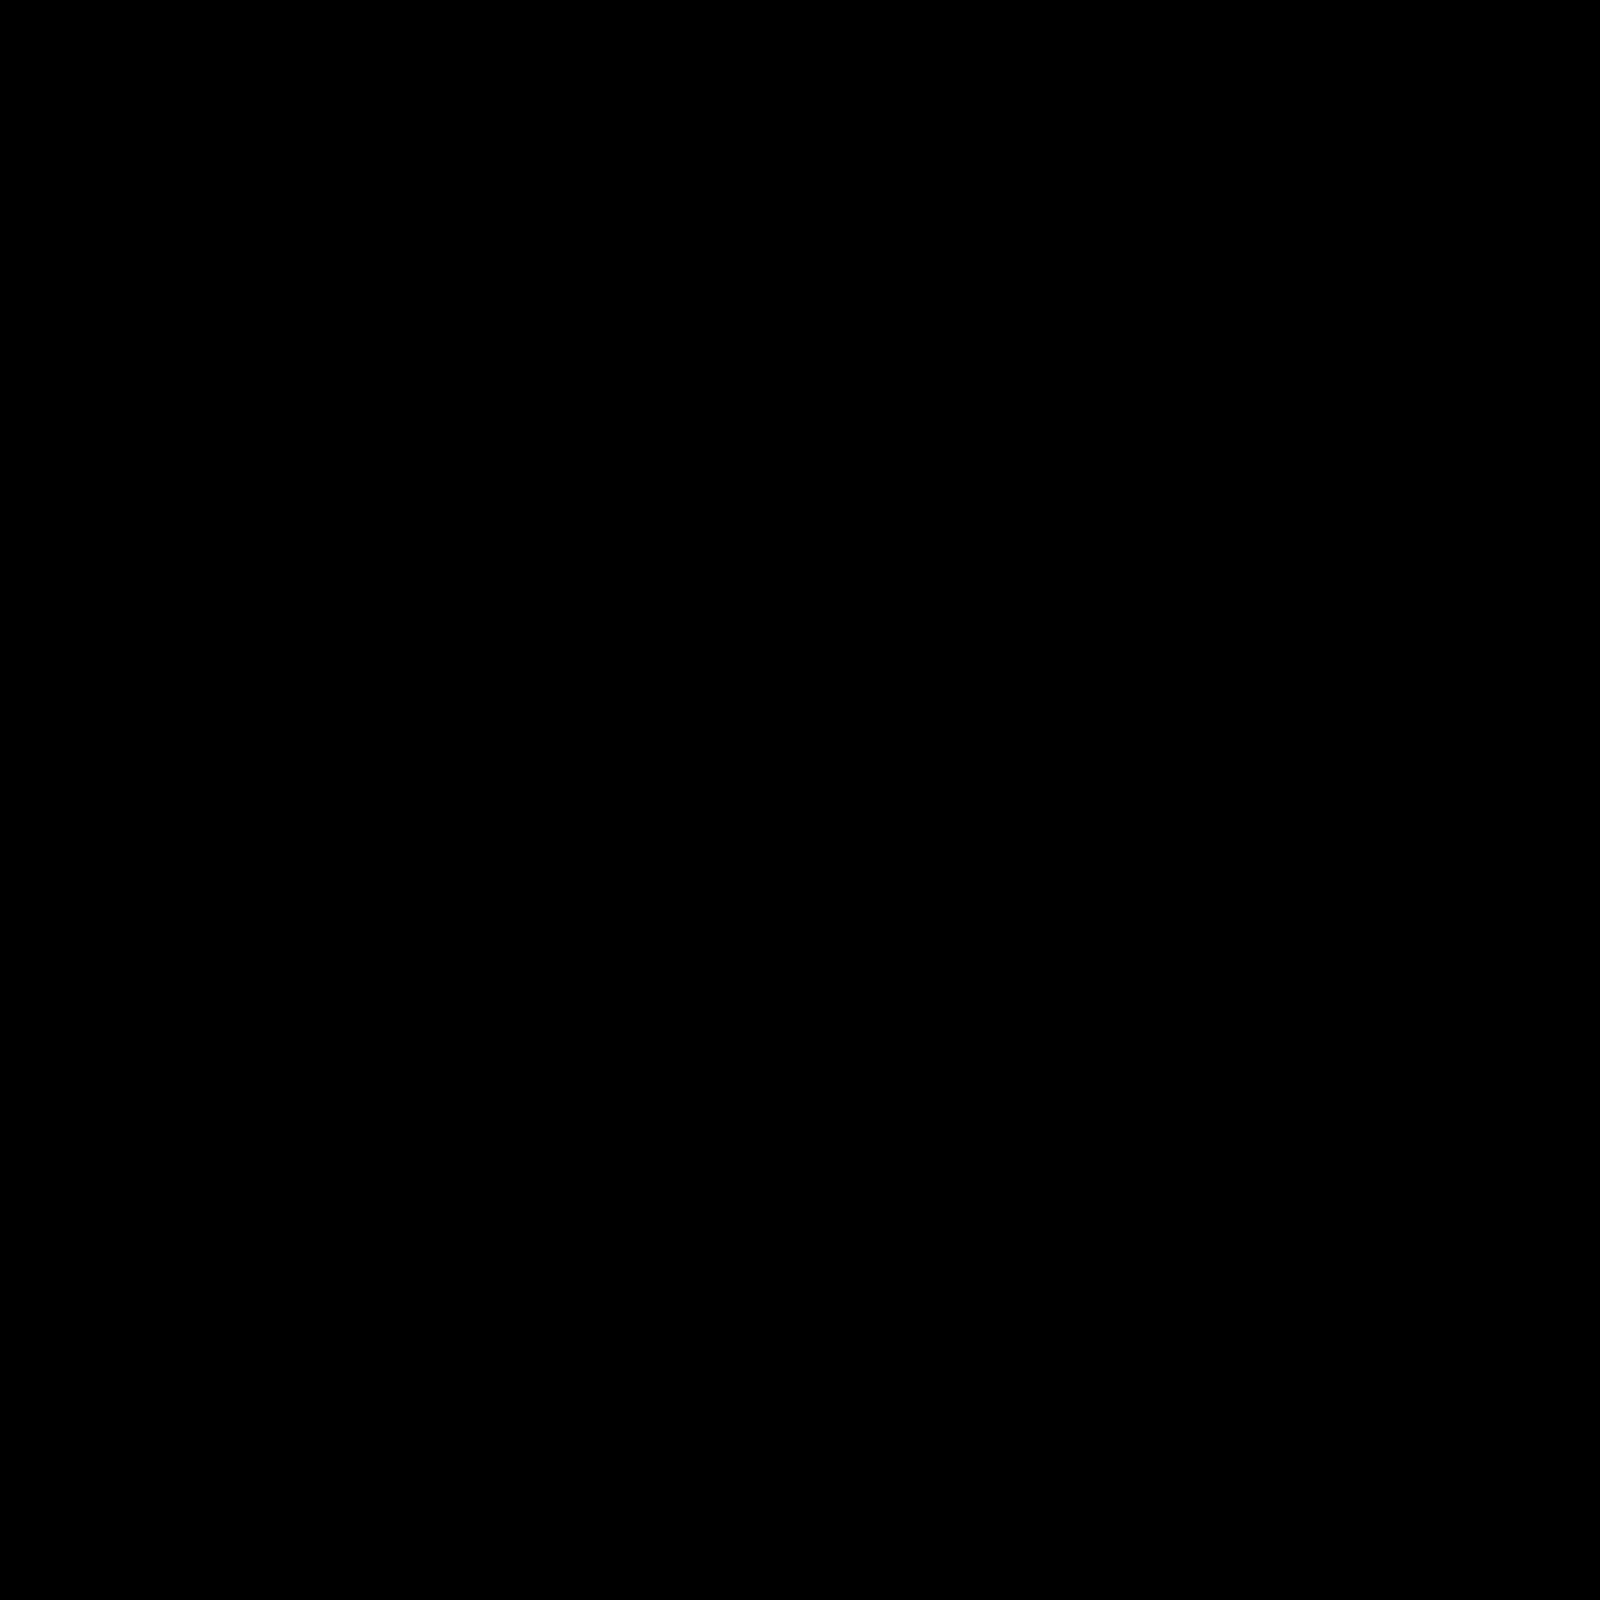 Szewron Hashtag icon